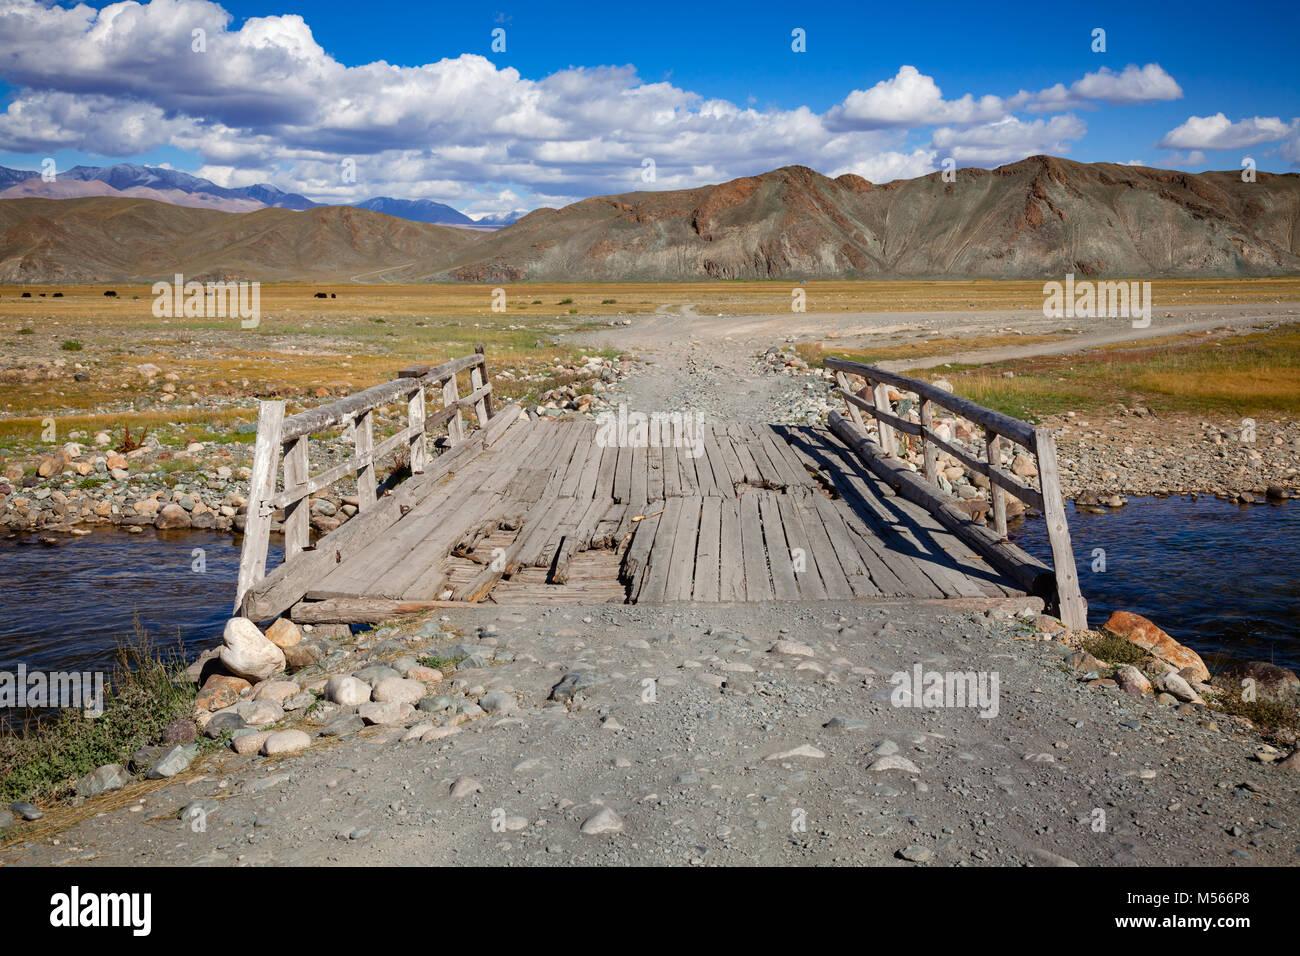 Puente de madera desgastada en una carretera de tierra en las montañas de Altai, Mongolia occidental Foto de stock